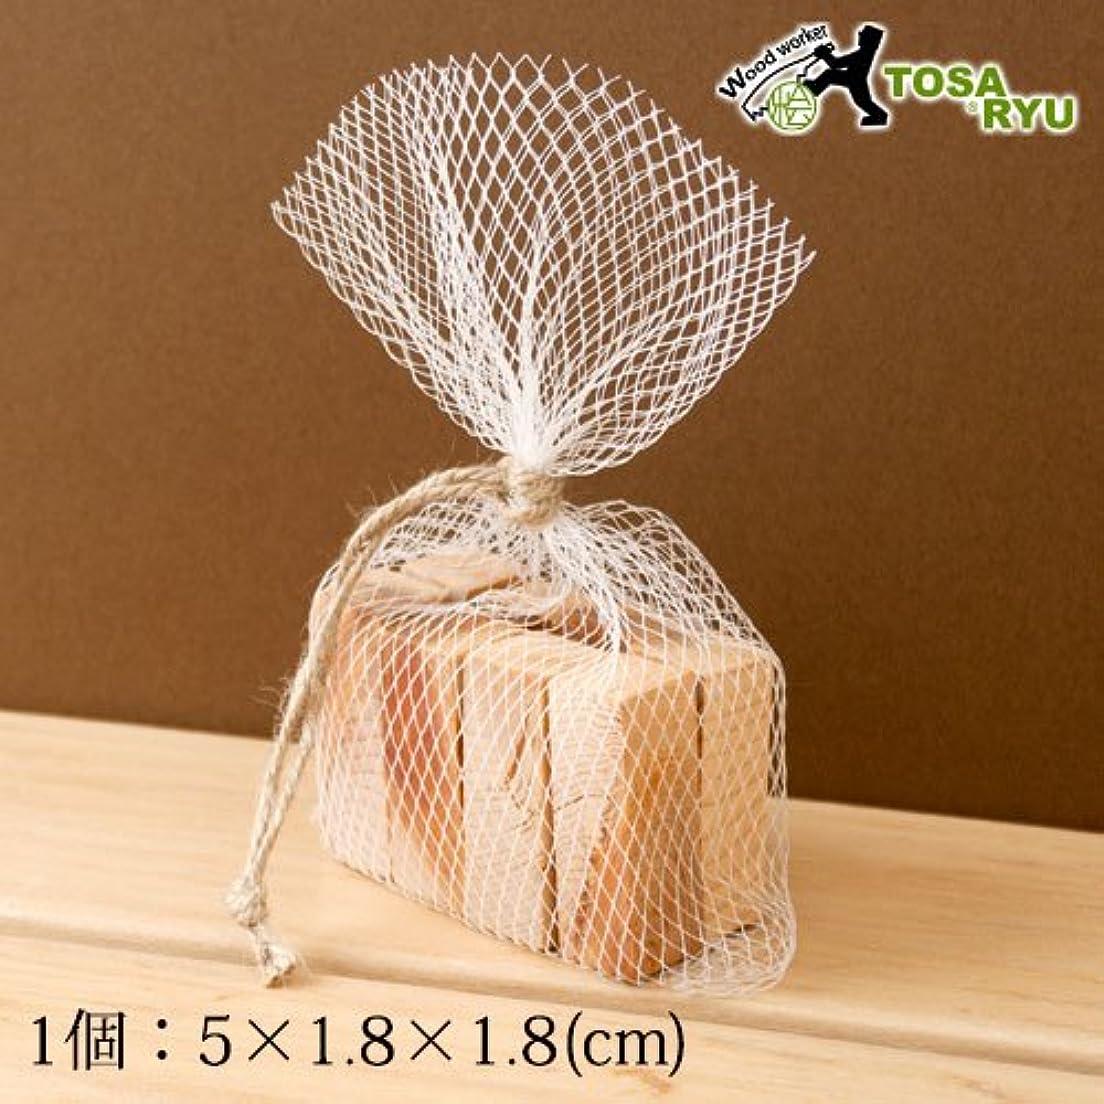 見落とす独特のフォーム土佐龍アロマブロックメッシュ袋入り高知県の工芸品Bath additive of cypress, Kochi craft